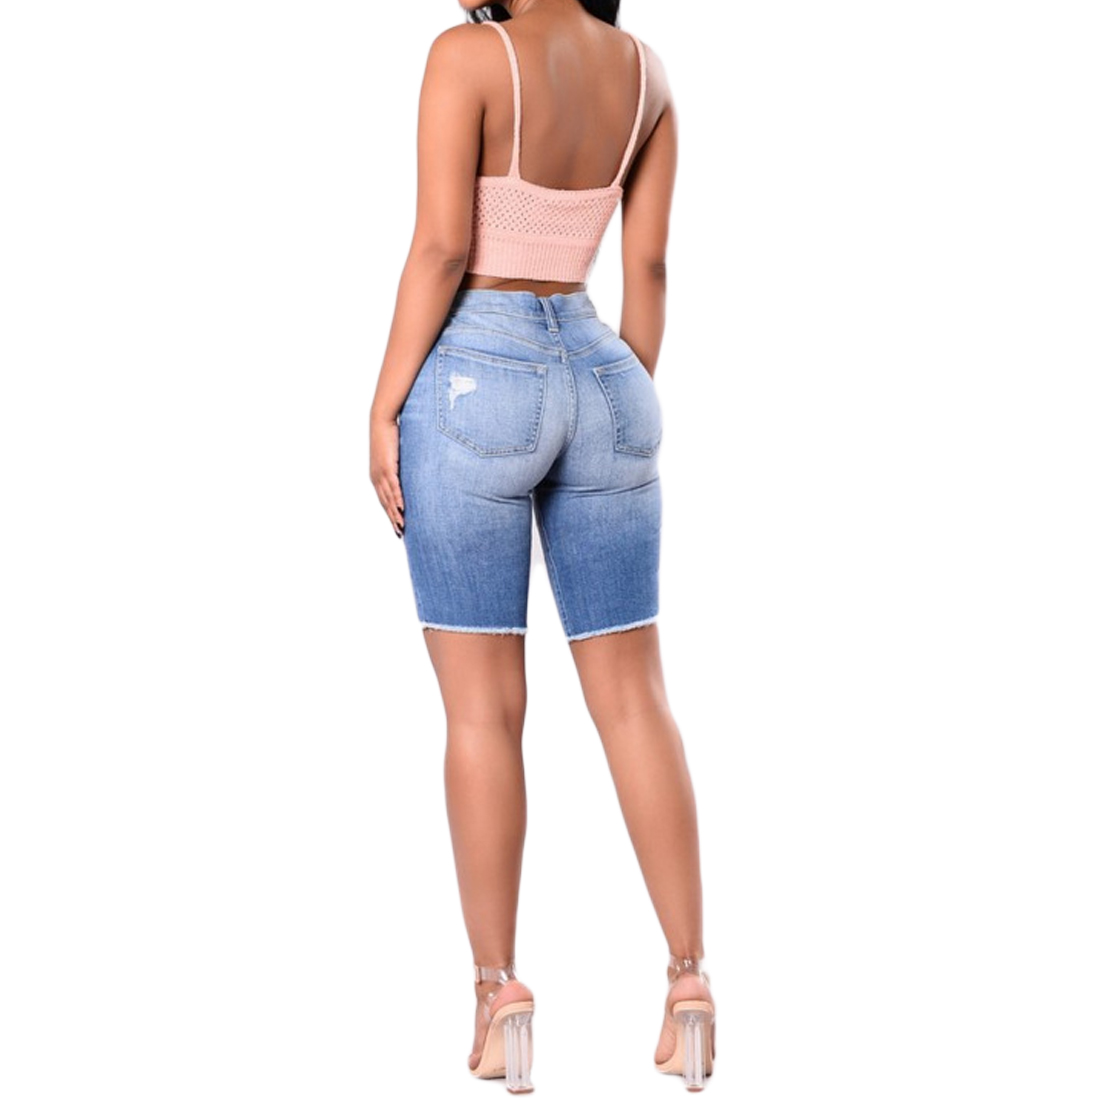 2017 Frauen Mode Hohe Taille Halben Zerrissene Jeans Straßen Gebrochen Dünne Denim Shorts Halbe Hosen Komplette Artikelauswahl